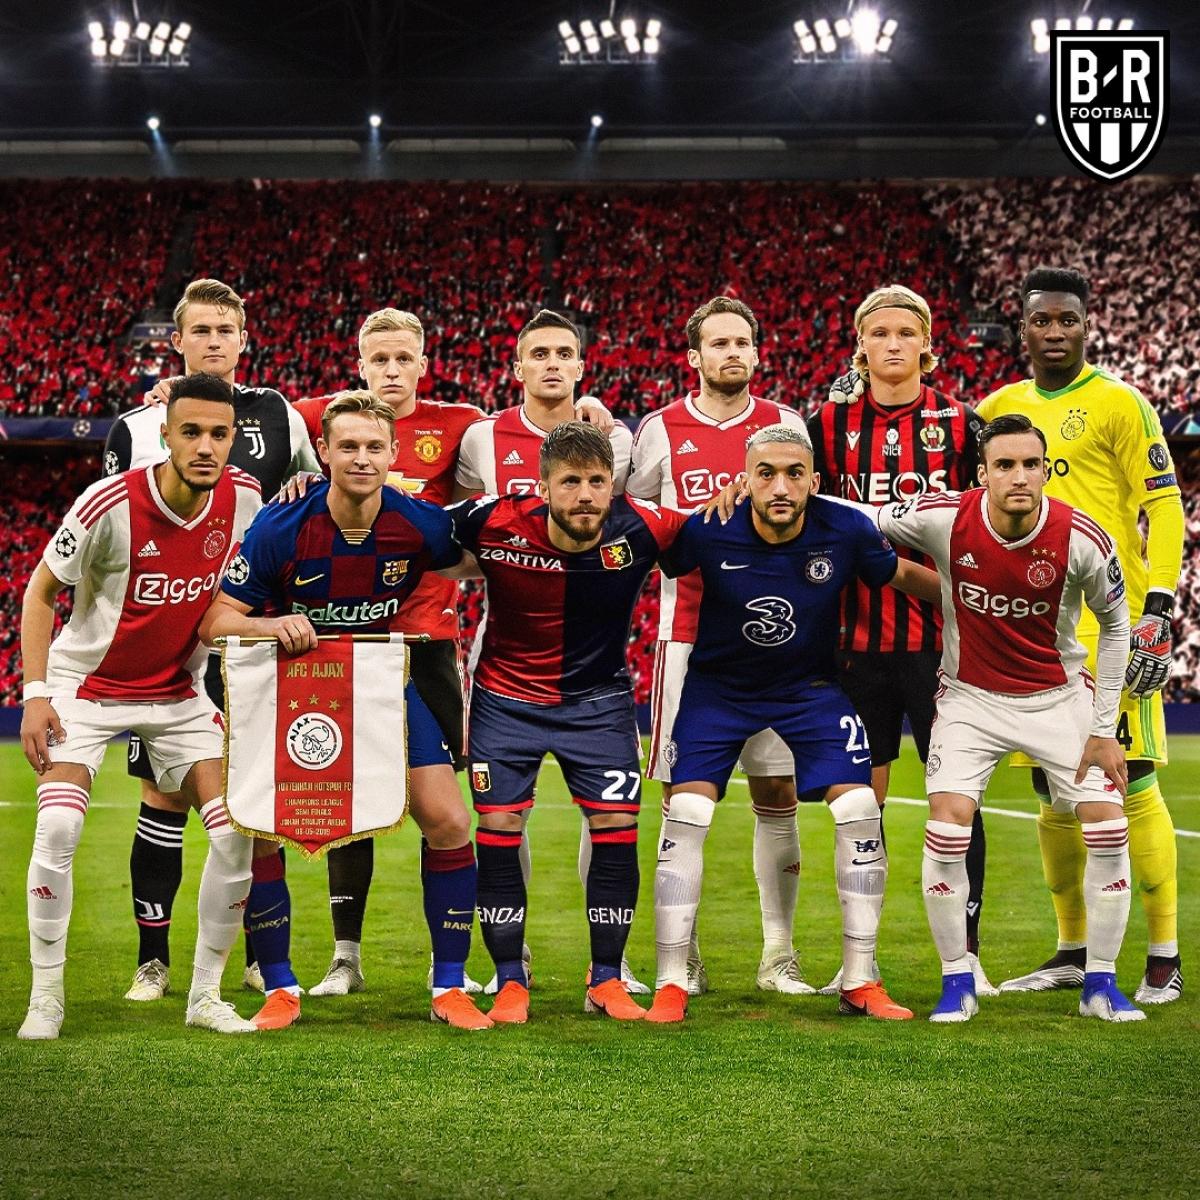 Đội hình Ajax vào đến bán kết Champions League giờ chỉ còn 5 người ở lại. (Ảnh: Bleacher Reports)